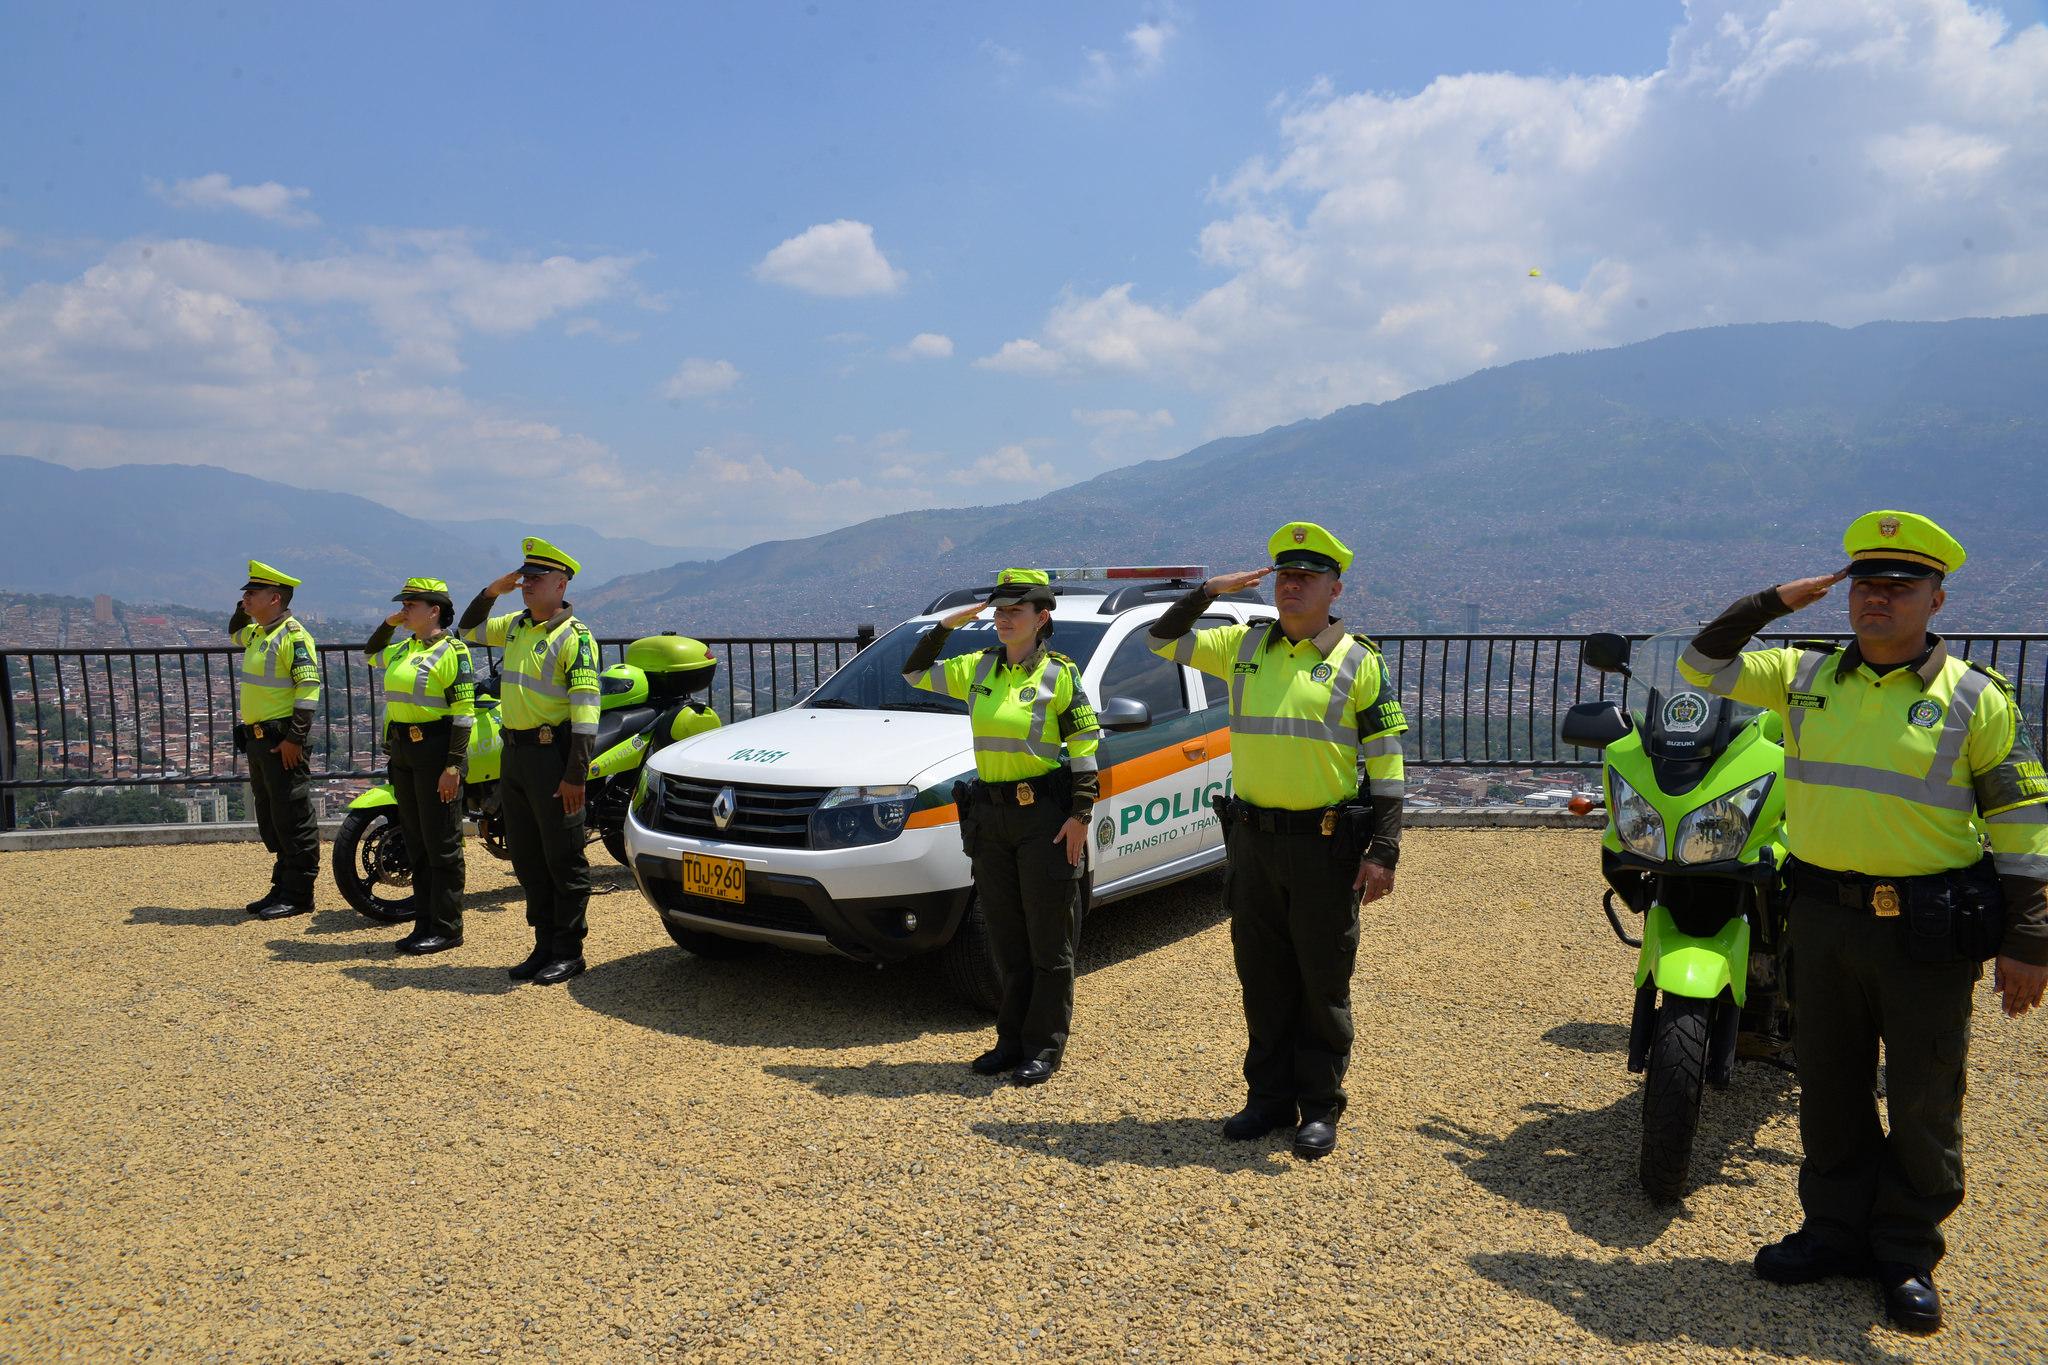 Direcci n de tr nsito y transportes polic a nacional - Oficina policia nacional ...